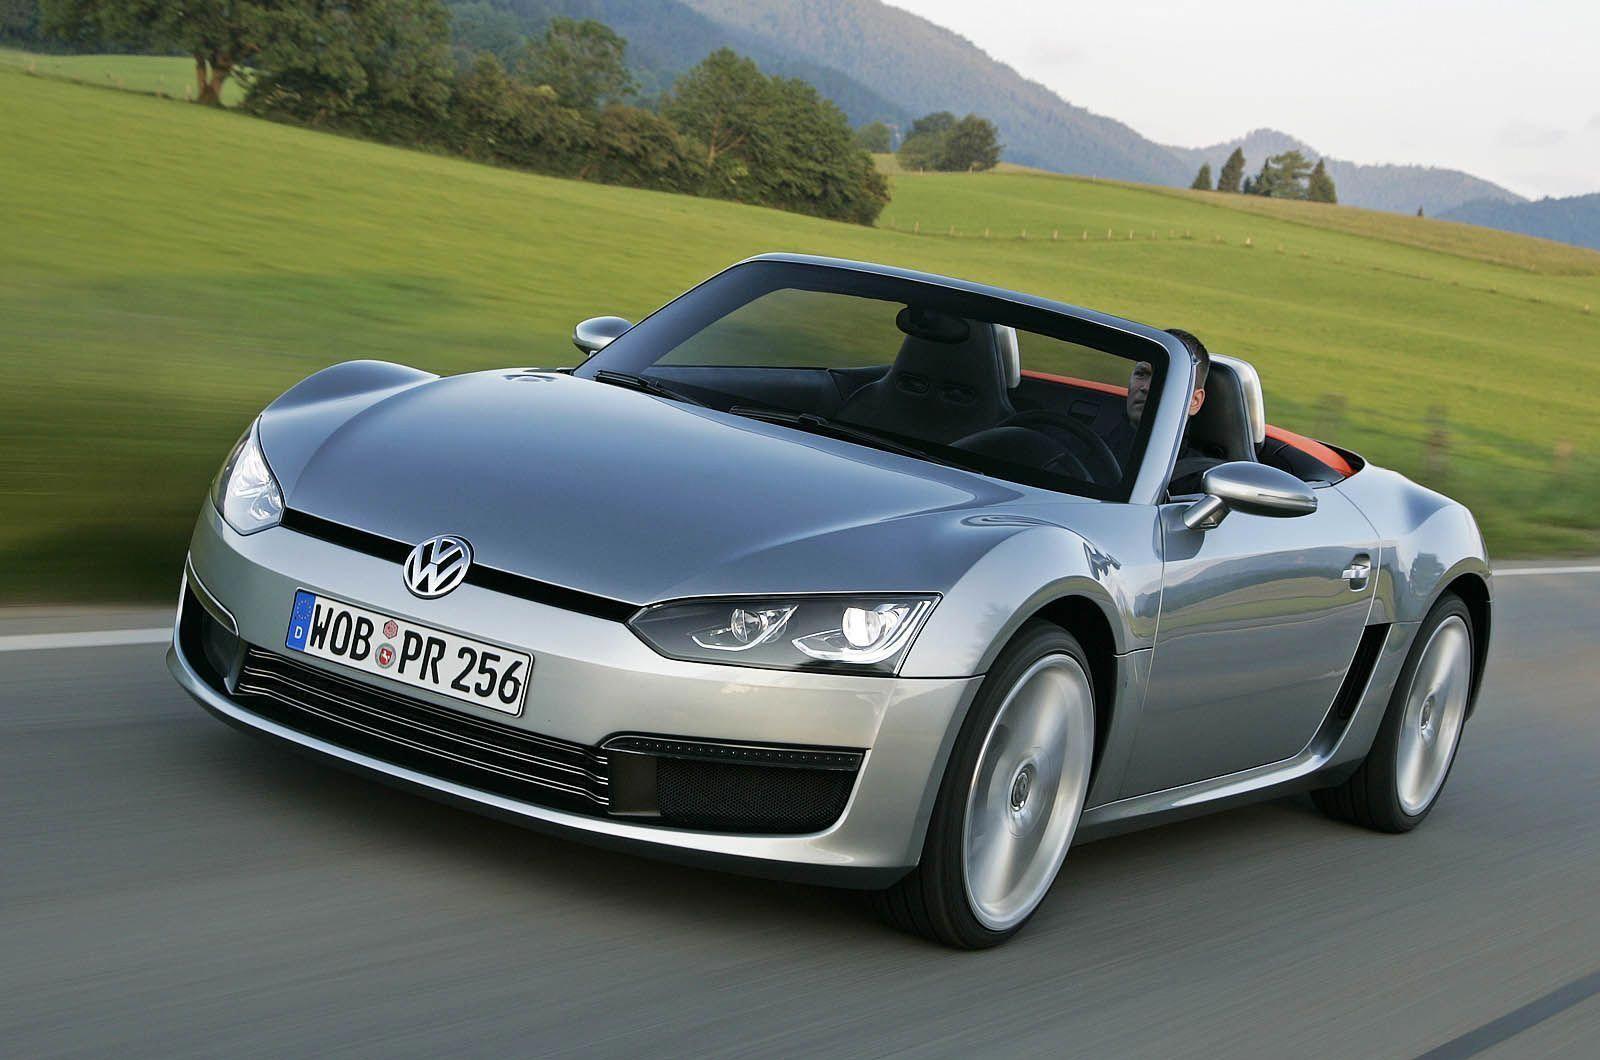 VW roadster set for 2013 VolkswagenConceptBlueSport